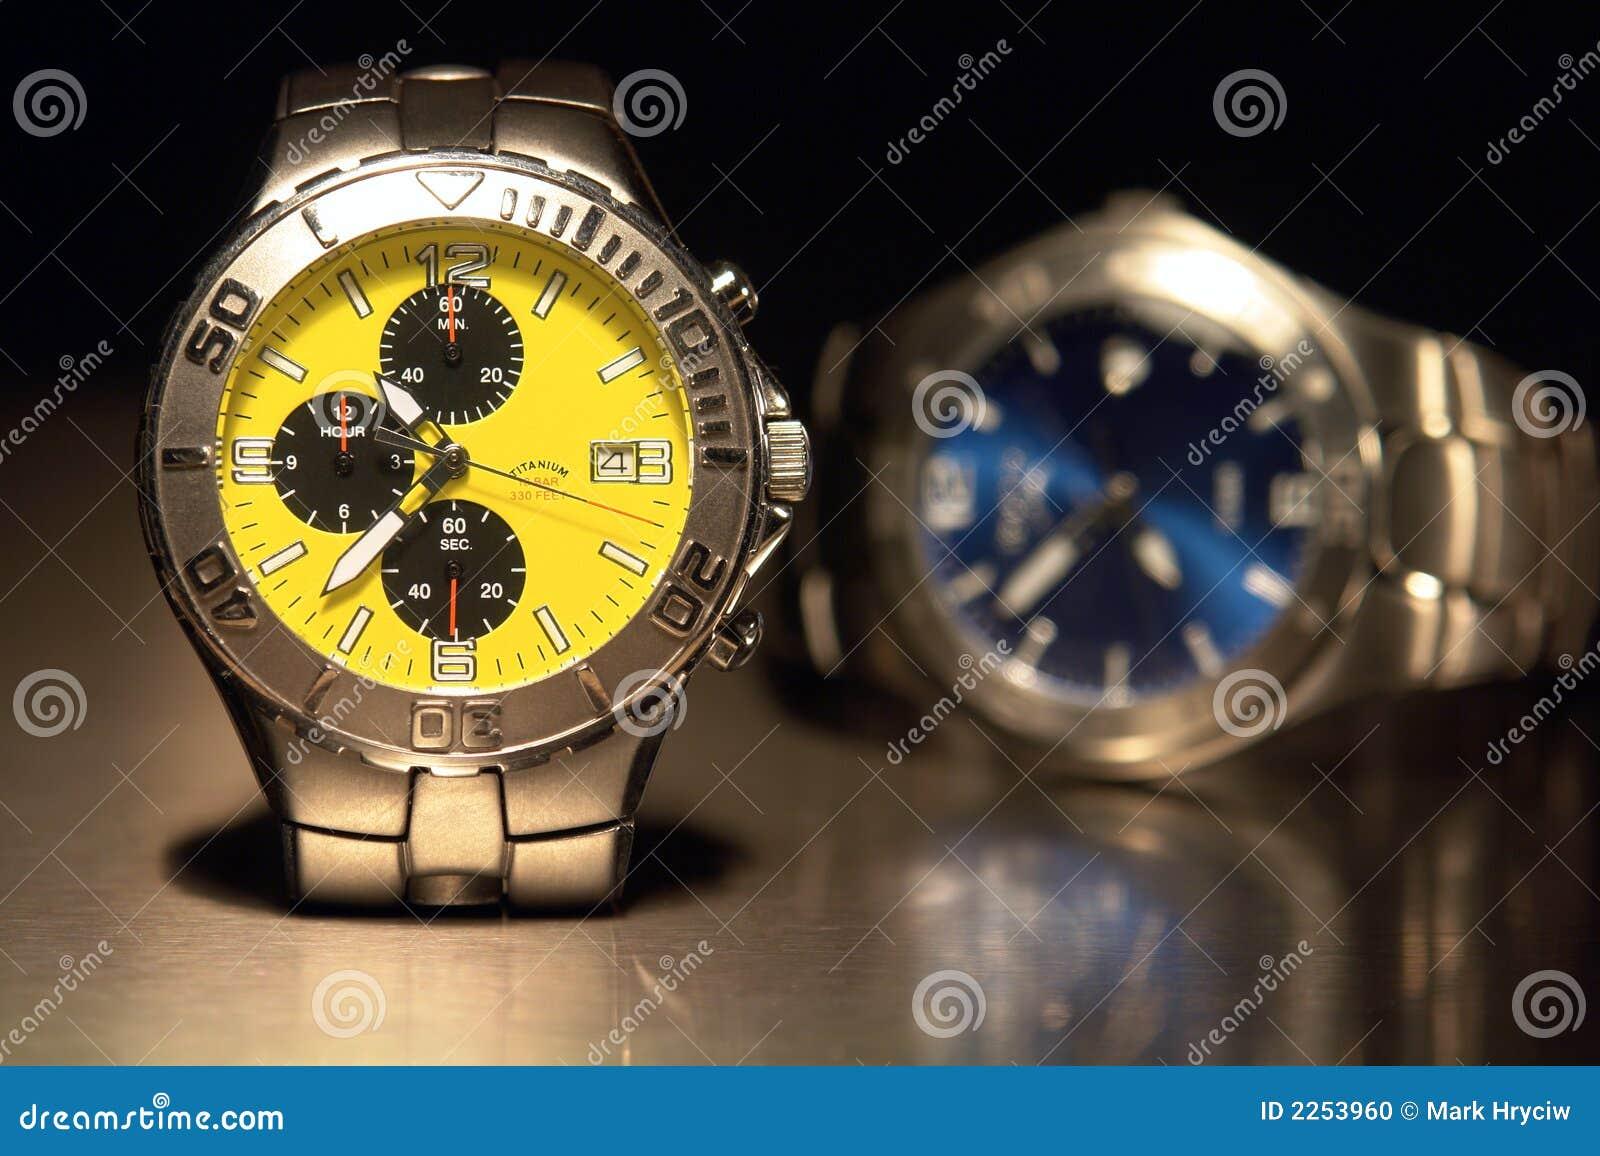 Men s Watches